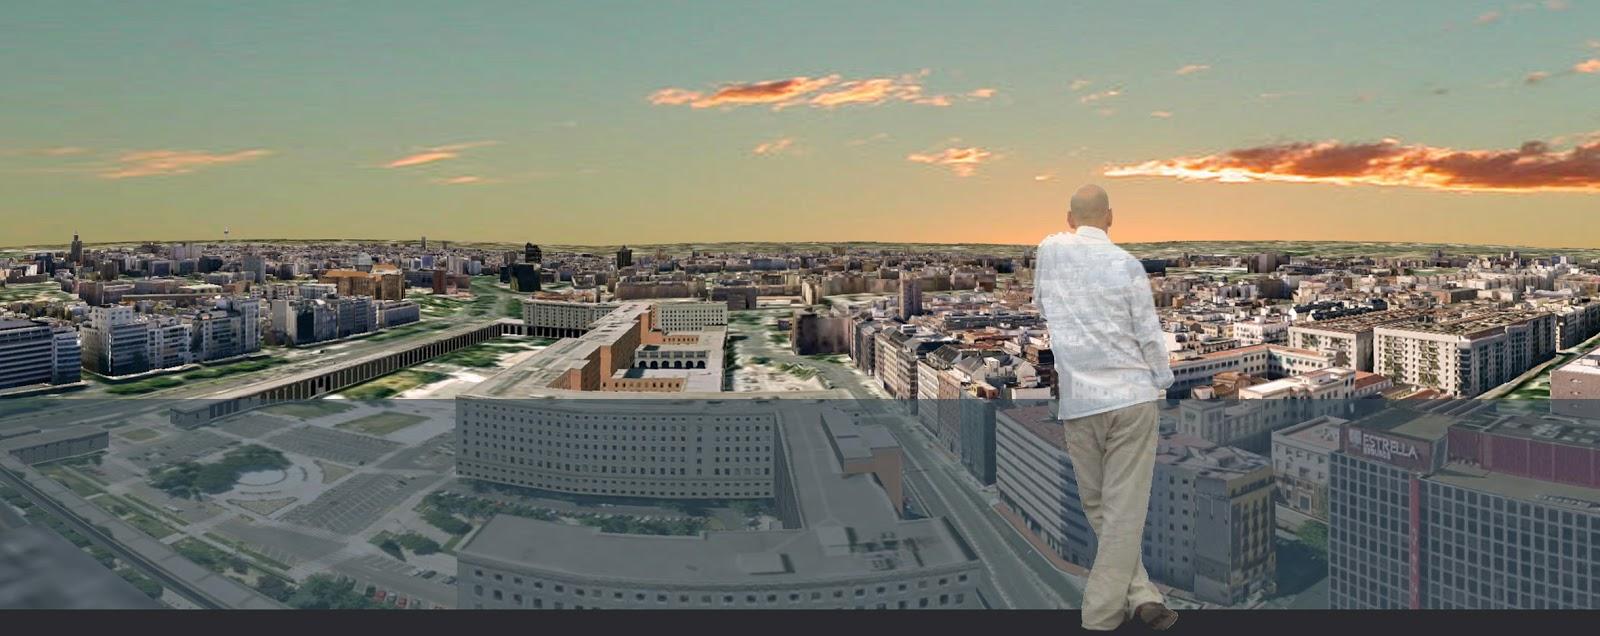 Giovanni olcese edificio de viviendas oficinas y for Oficinas bbva valladolid